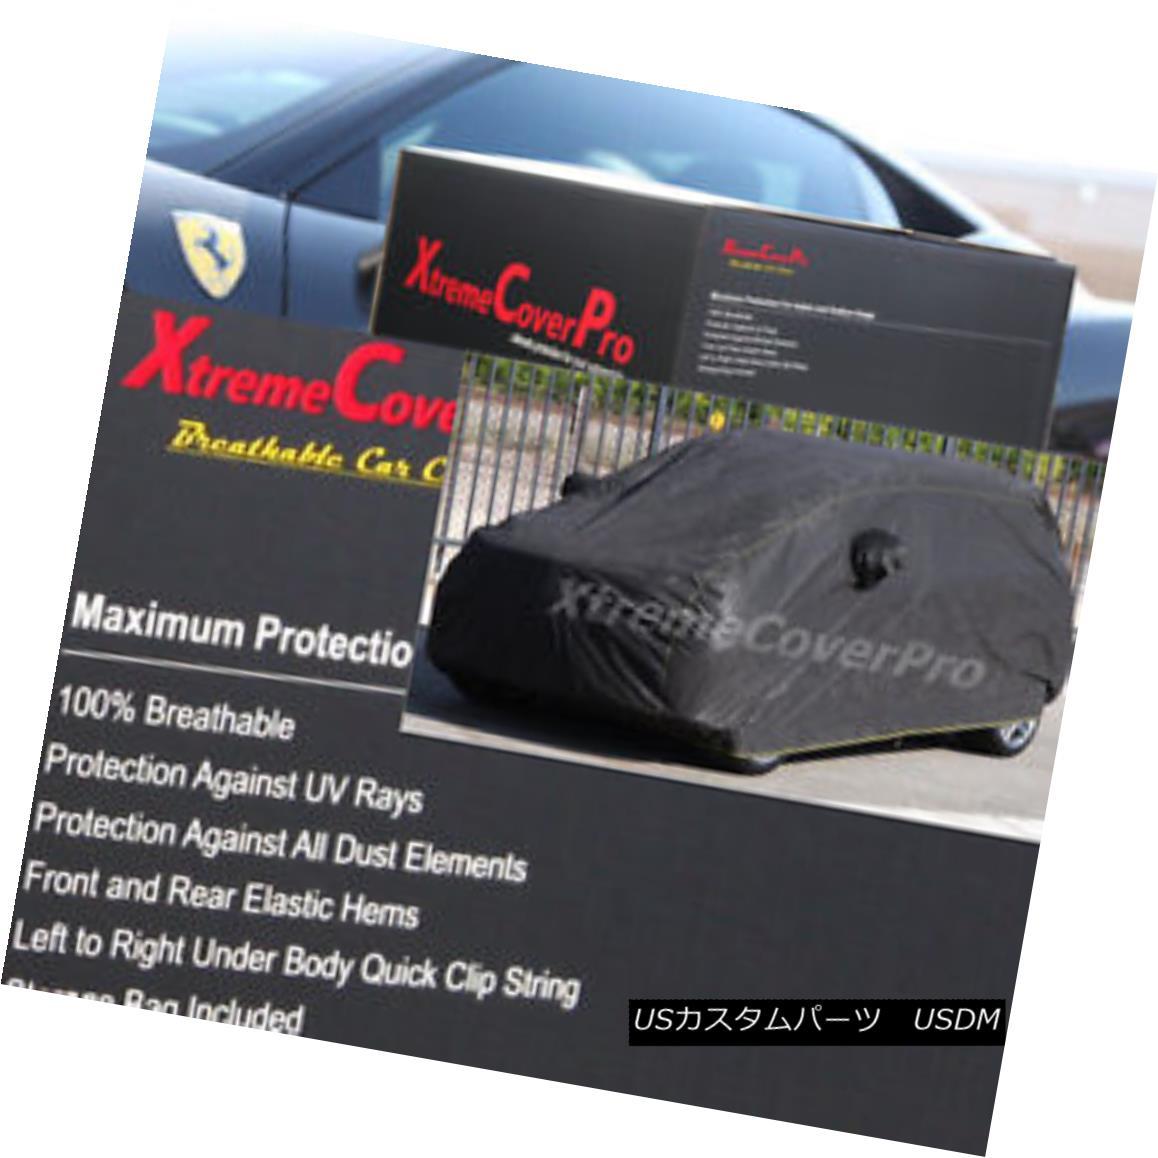 カーカバー 2014 Chevrolet Suburban Breathable Car Cover w/ Mirror Pocket ミラーポケット付き2014シボレー郊外通気性車カバー